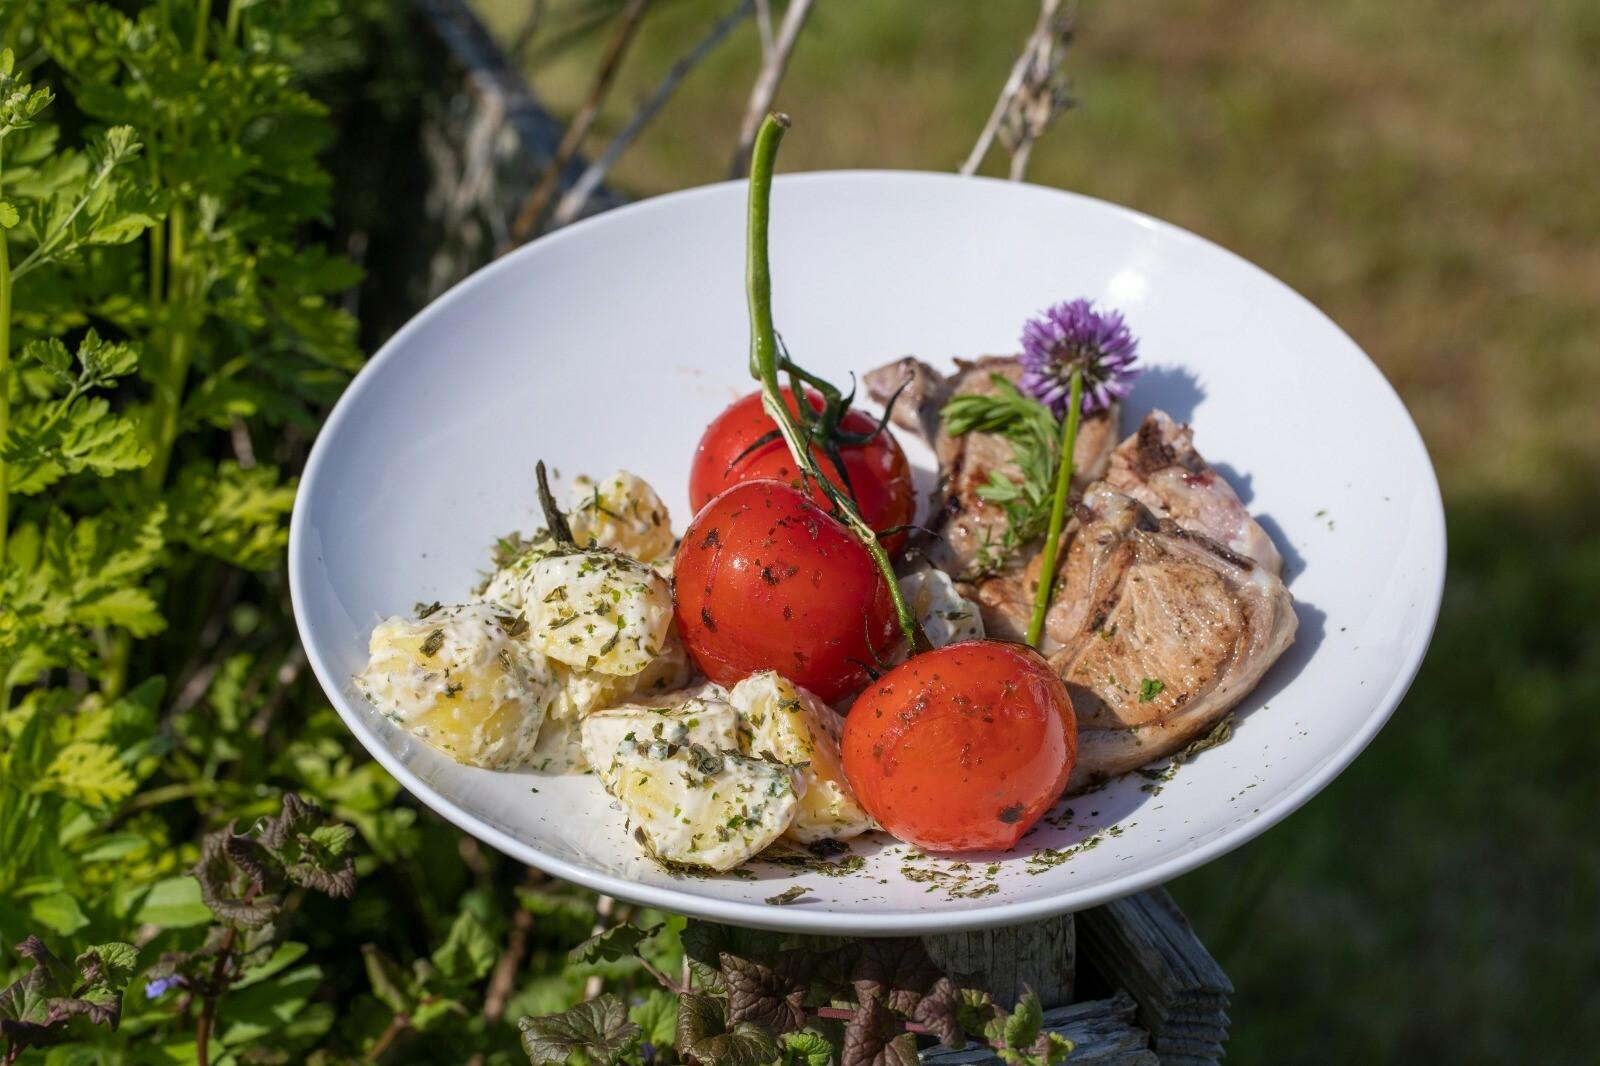 Recept voor gerecht lamskotelet met aardappel en tomaat VVV Texel fotograaf Annette van Ruitenburg